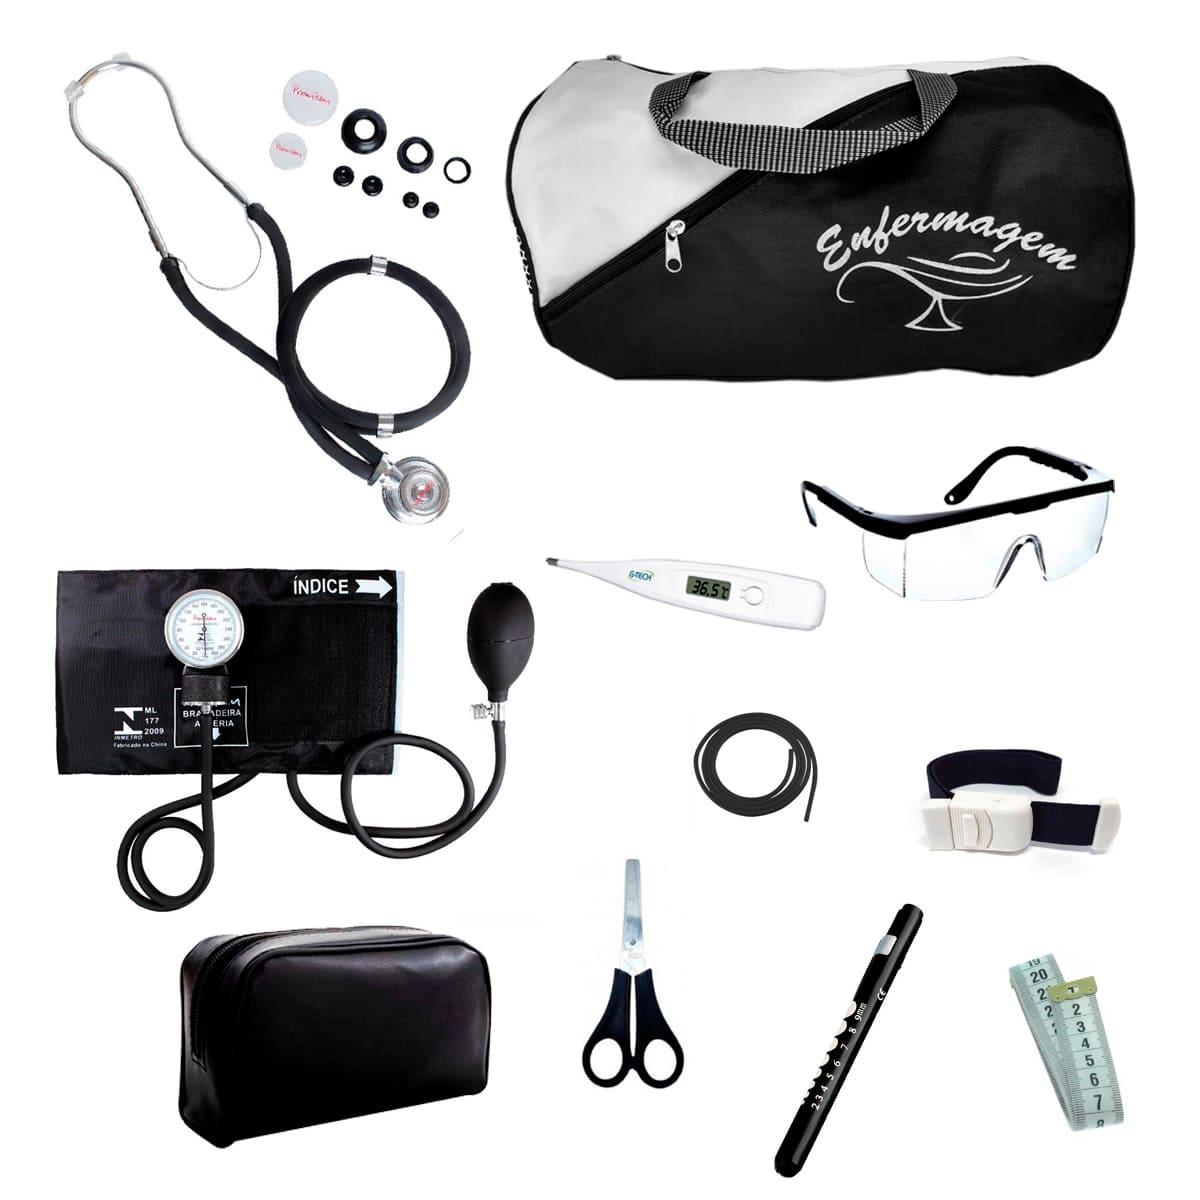 Kit Enfermagem mod.18 Aparelho de Pressão Premium Cor:Preto